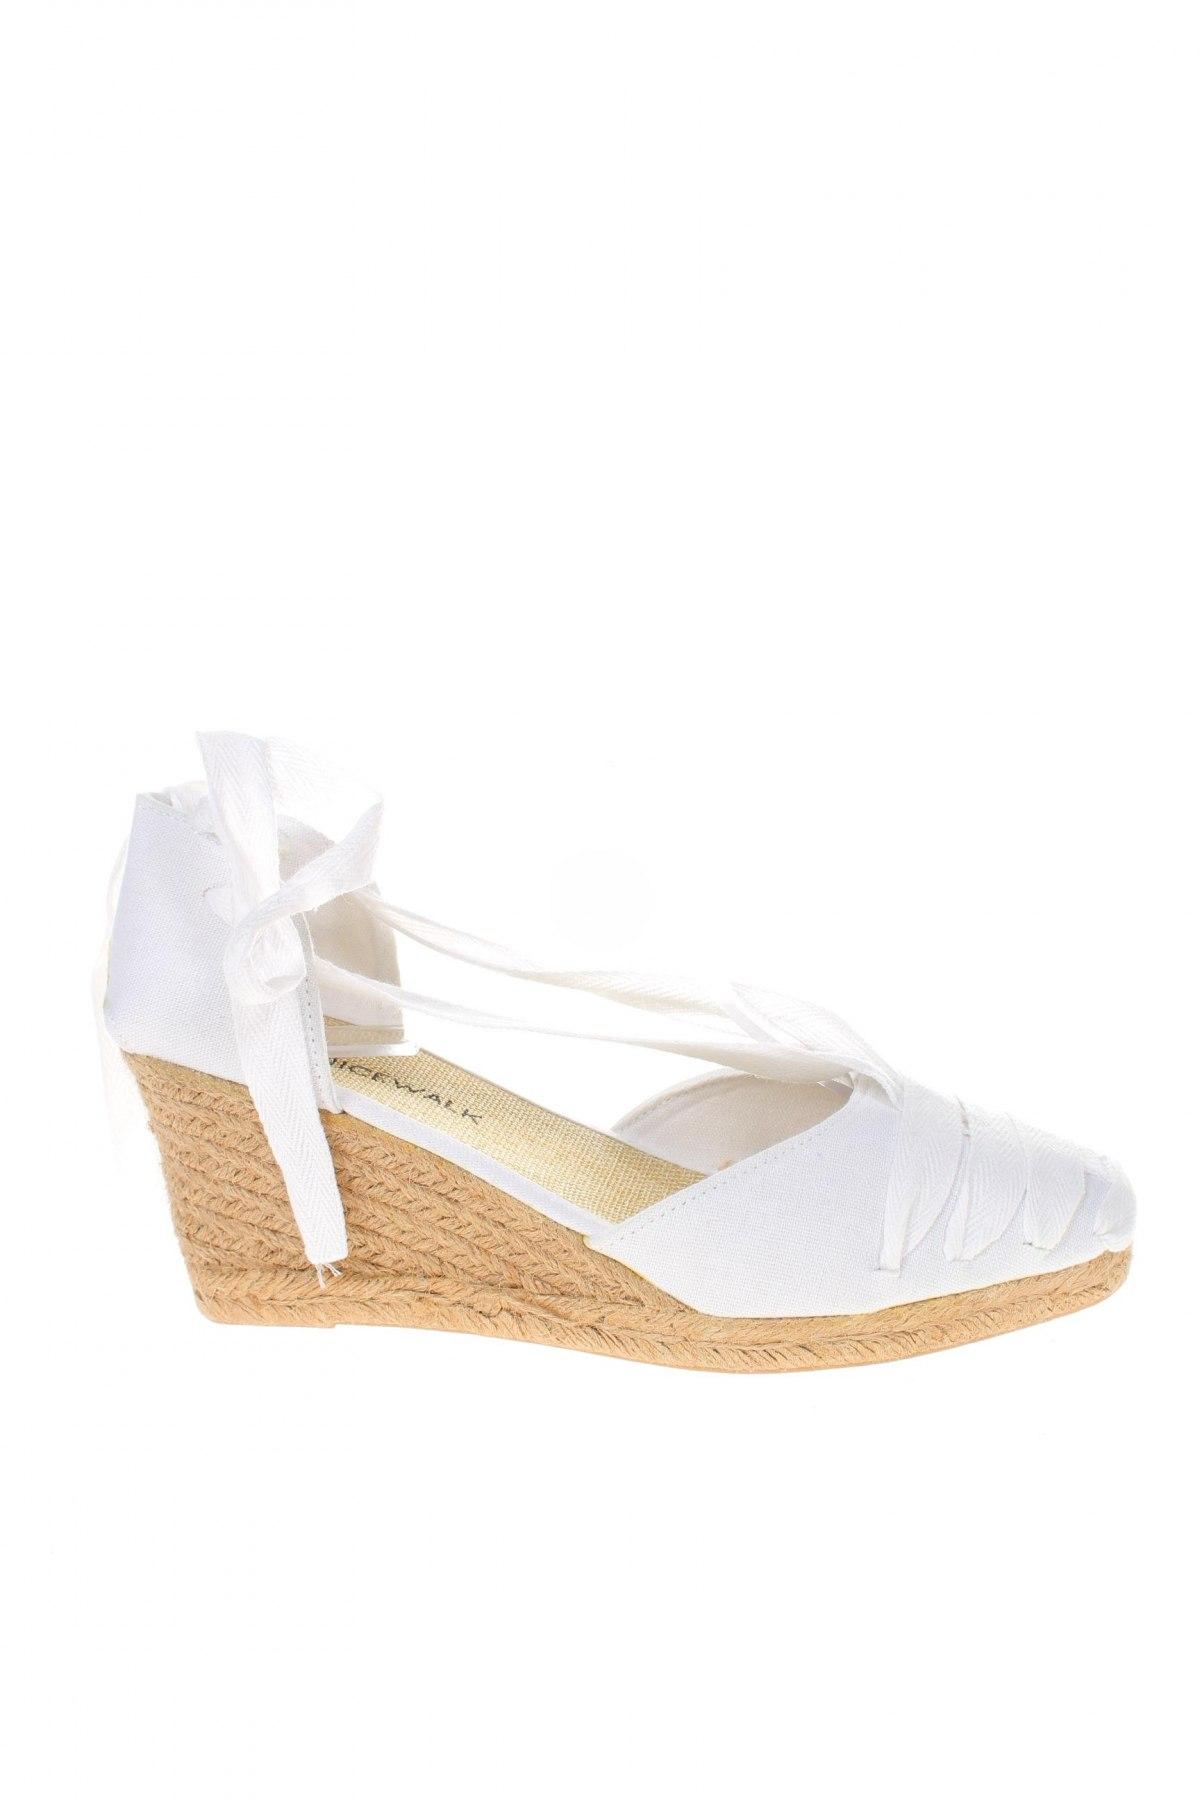 Εσπάδριλλες Nicewalk, Μέγεθος 39, Χρώμα Λευκό, Κλωστοϋφαντουργικά προϊόντα, Τιμή 13,40€